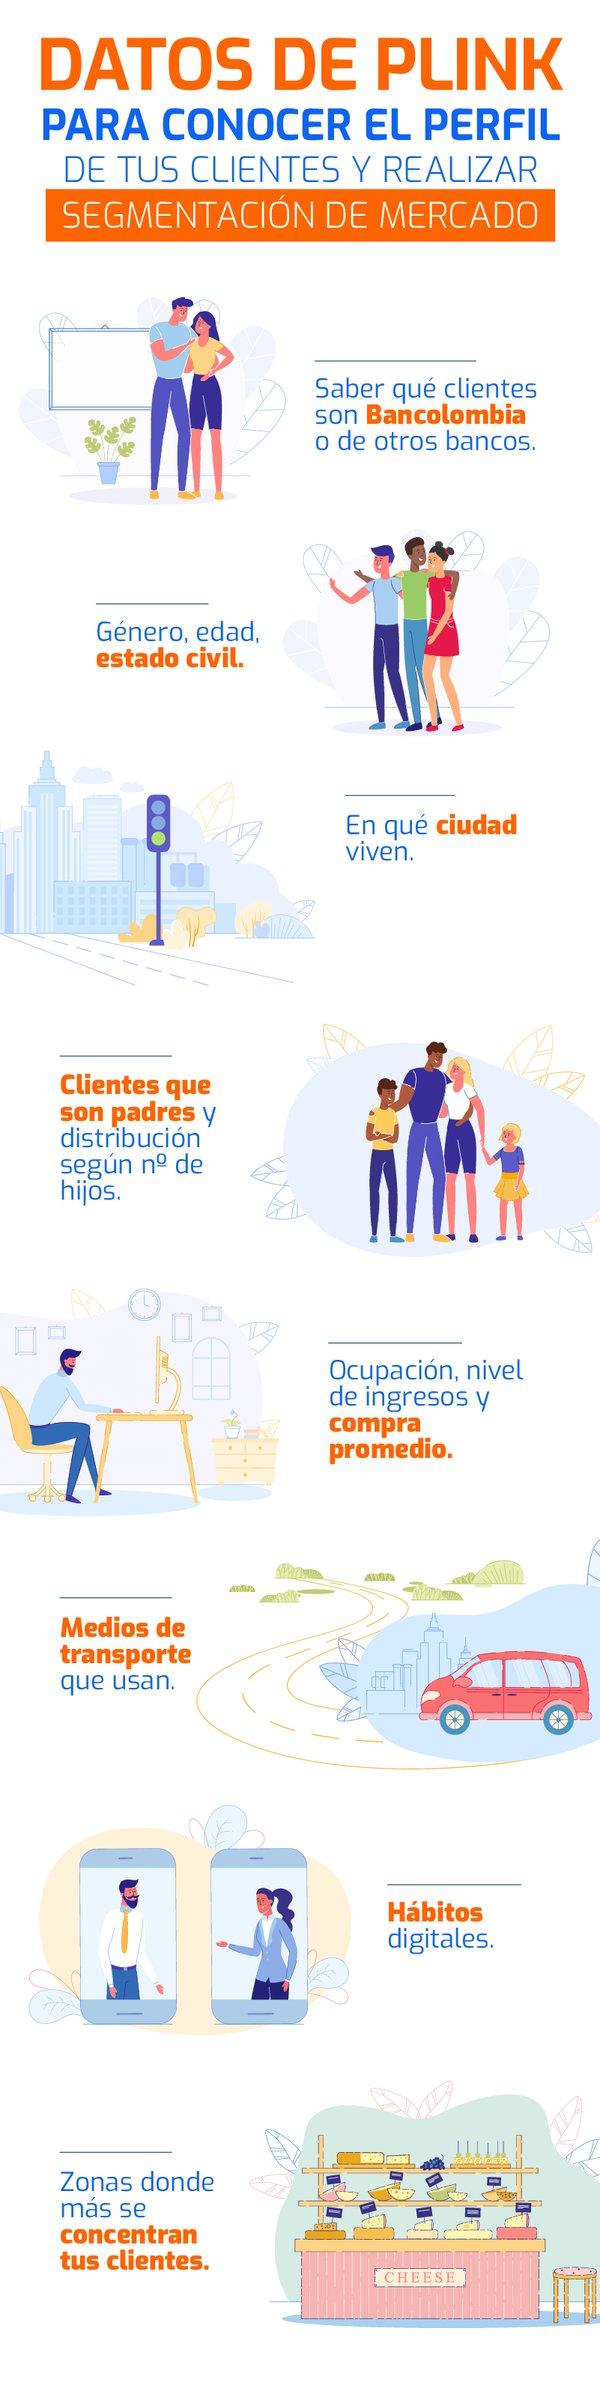 Comportamiento del consumidor  - perfil de clientes